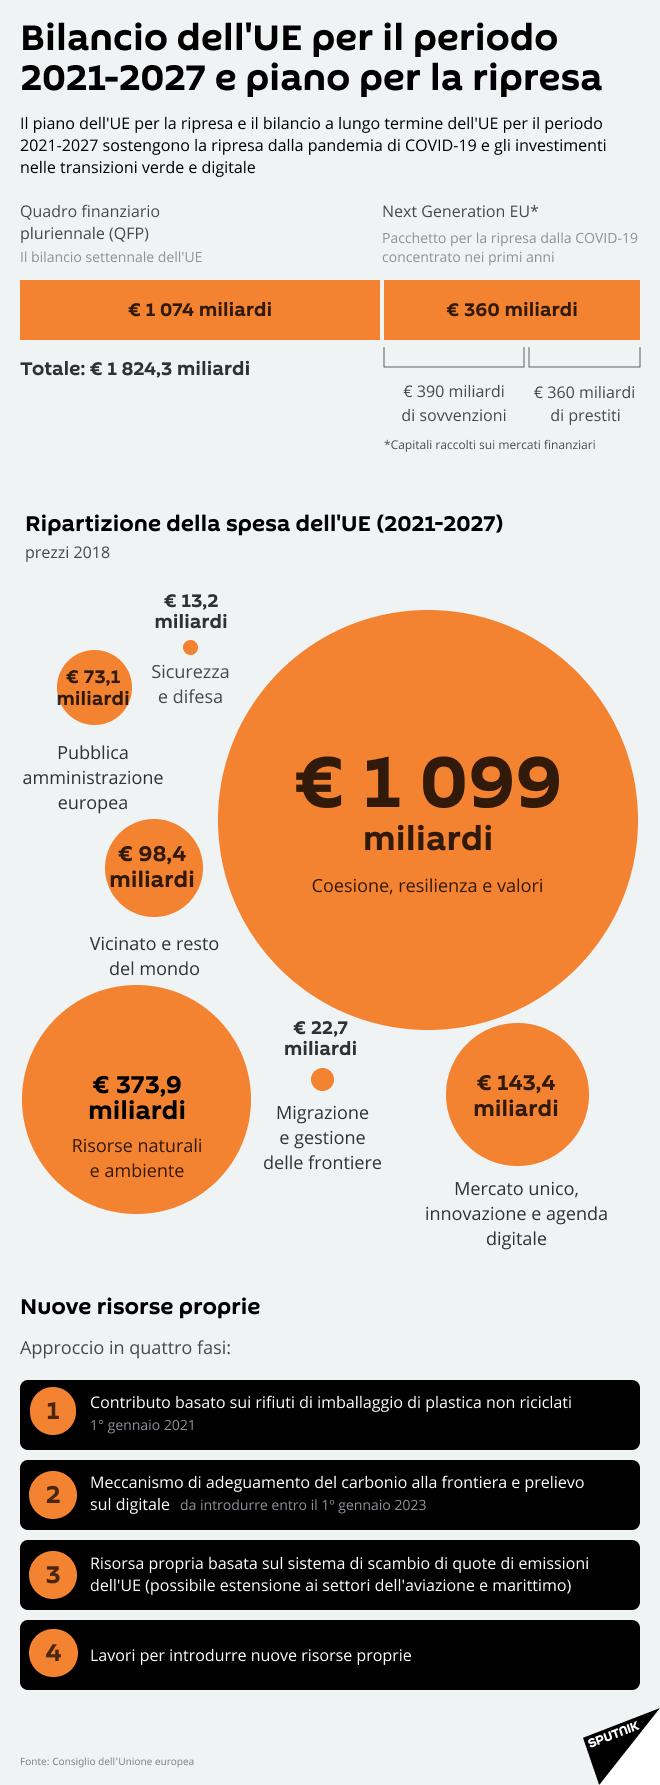 Bilancio dell'UE per il periodo 2021-2027 e piano per la ripresa